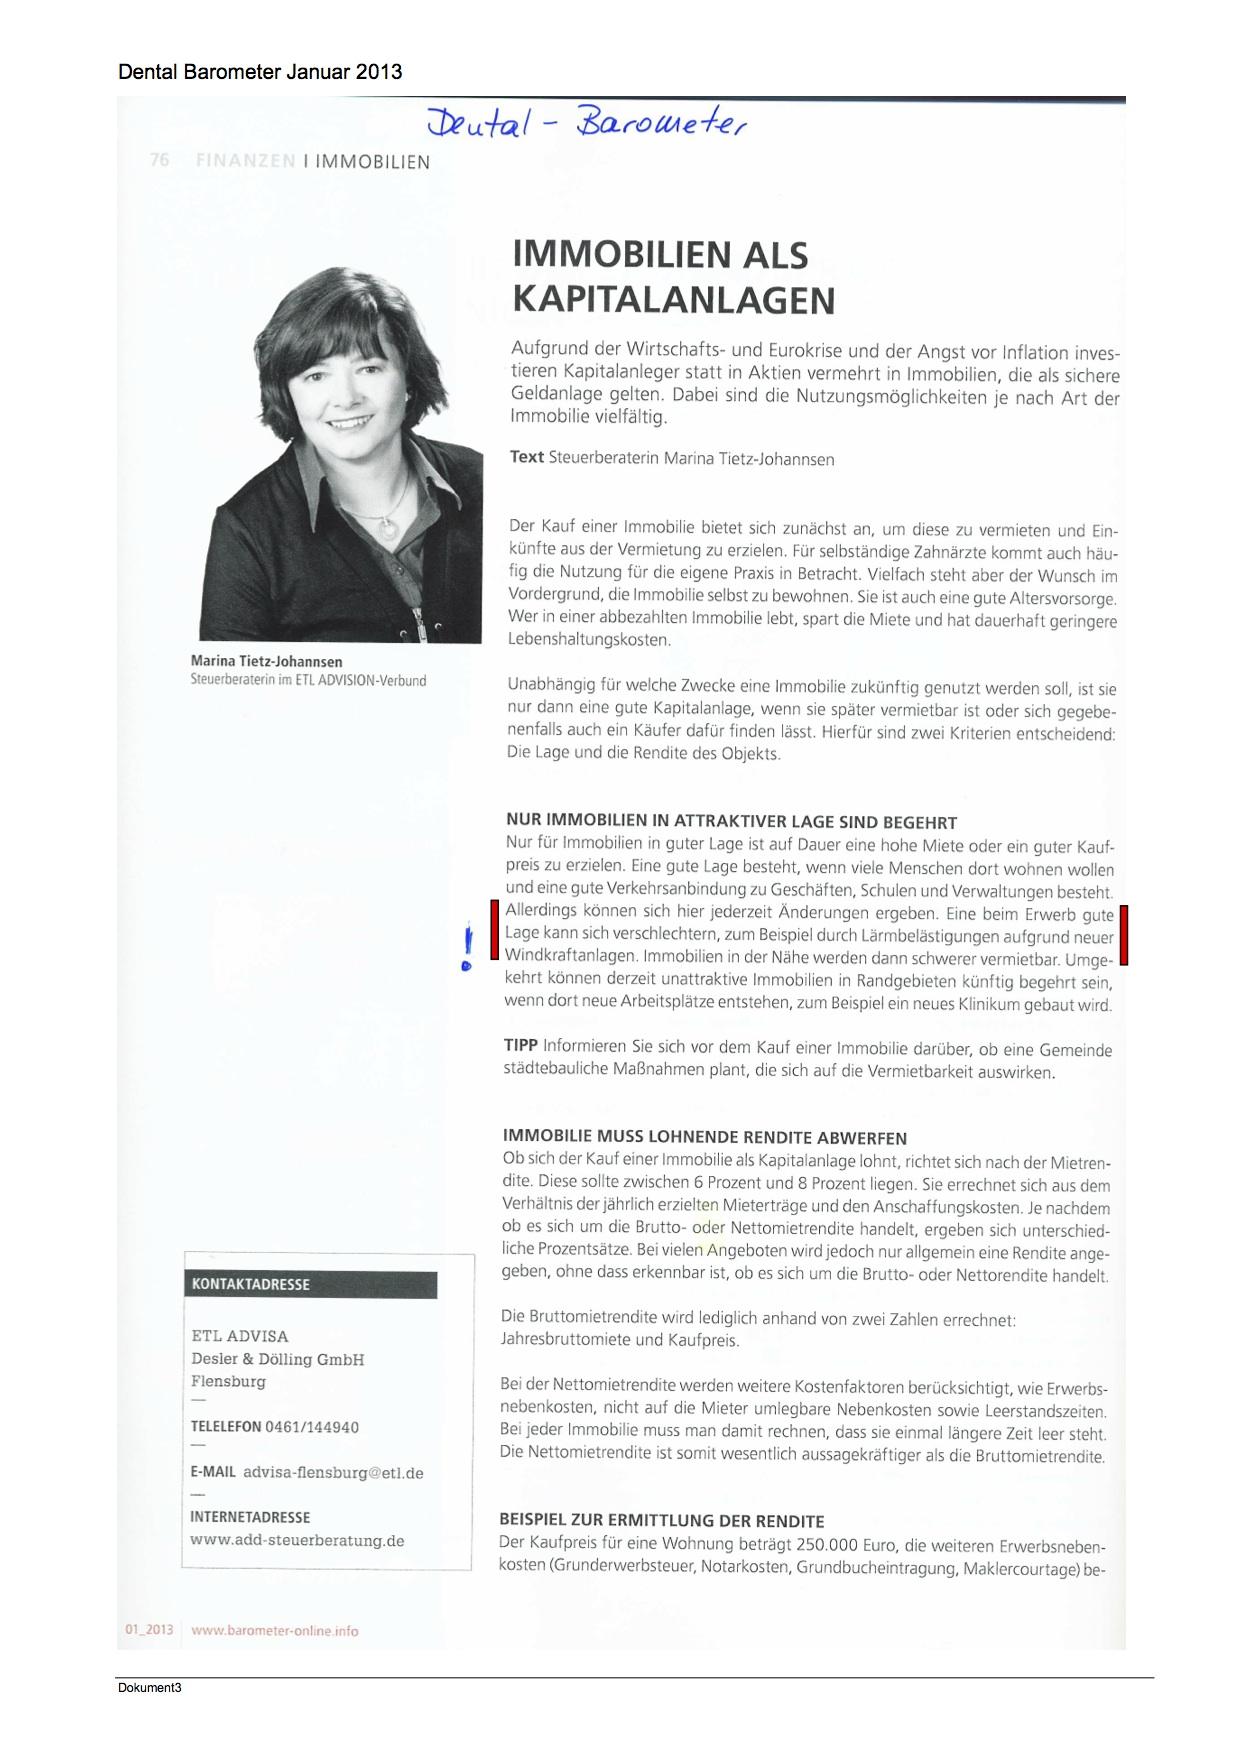 2013.01-Dental Barometer-Immobilien als Kapitalanlage